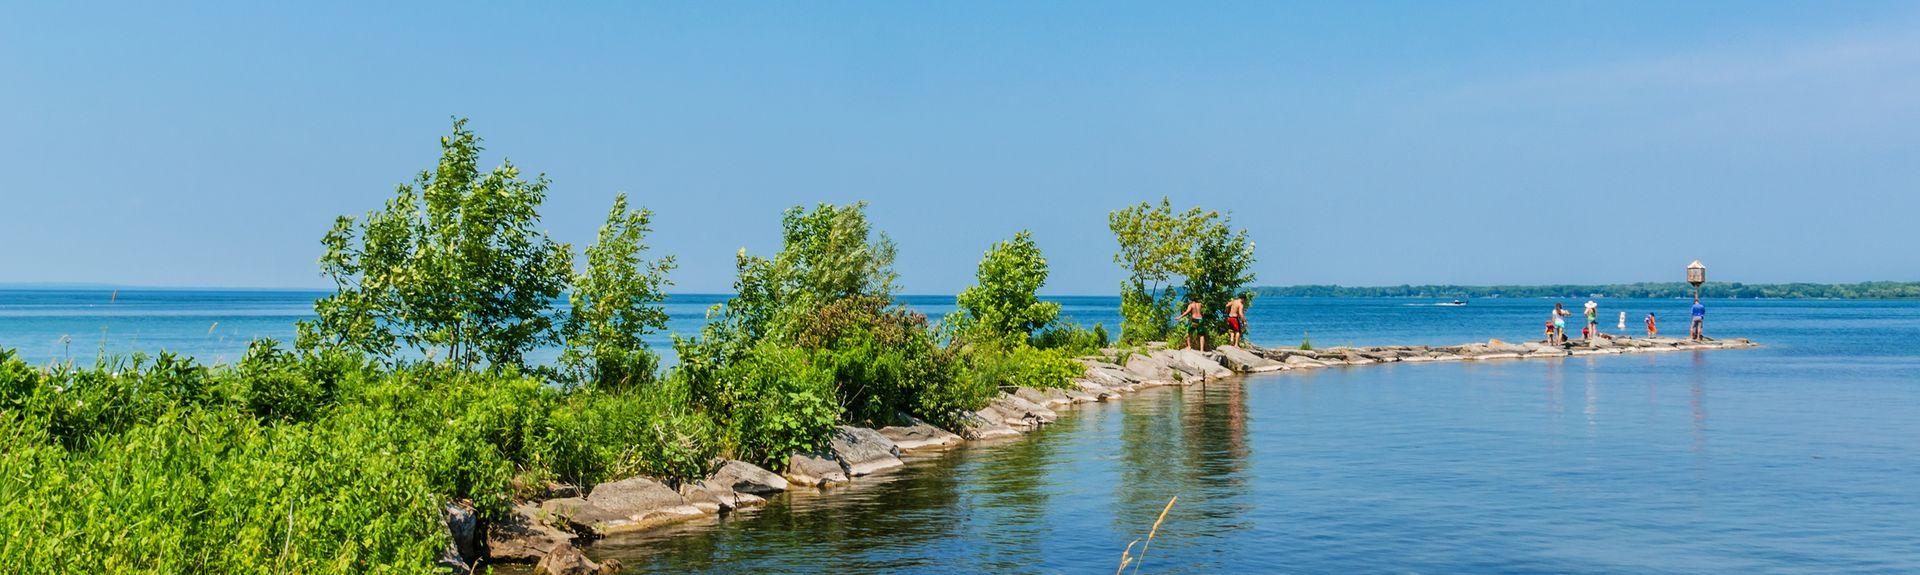 Lake Simcoe, Ontario, Canada